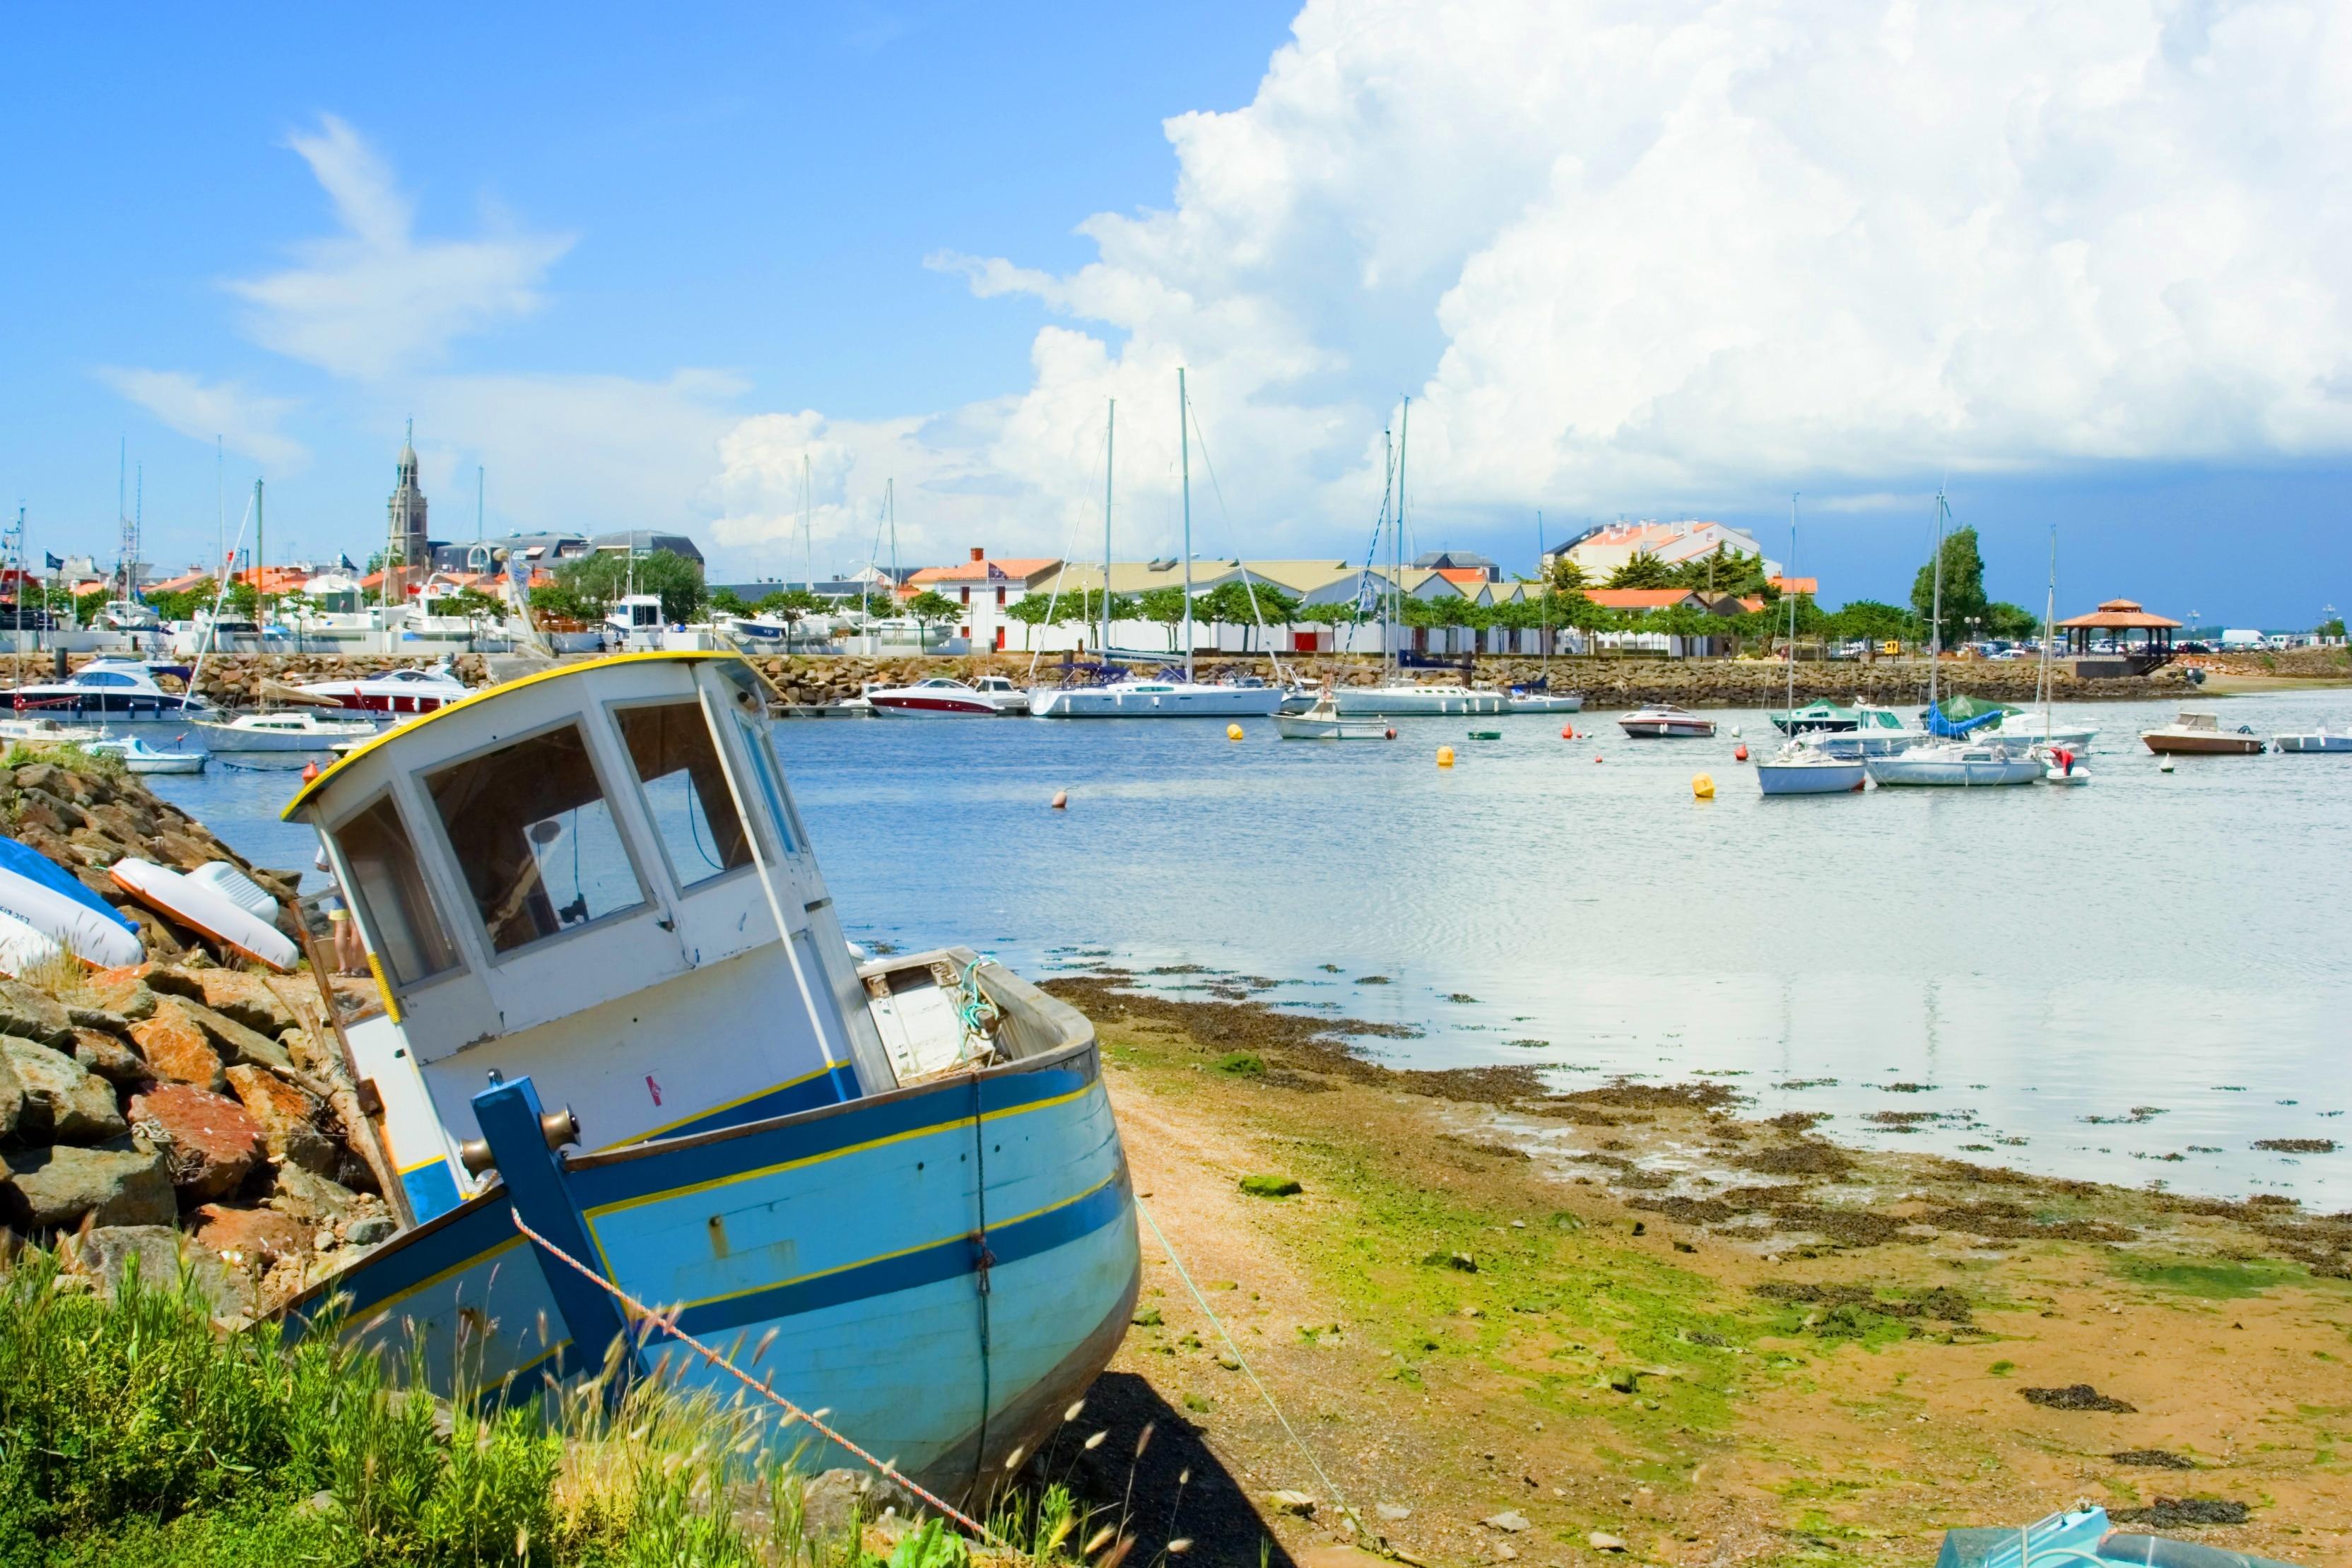 Pays de Saint-Gilles-Croix-de-Vie, Vendee, France